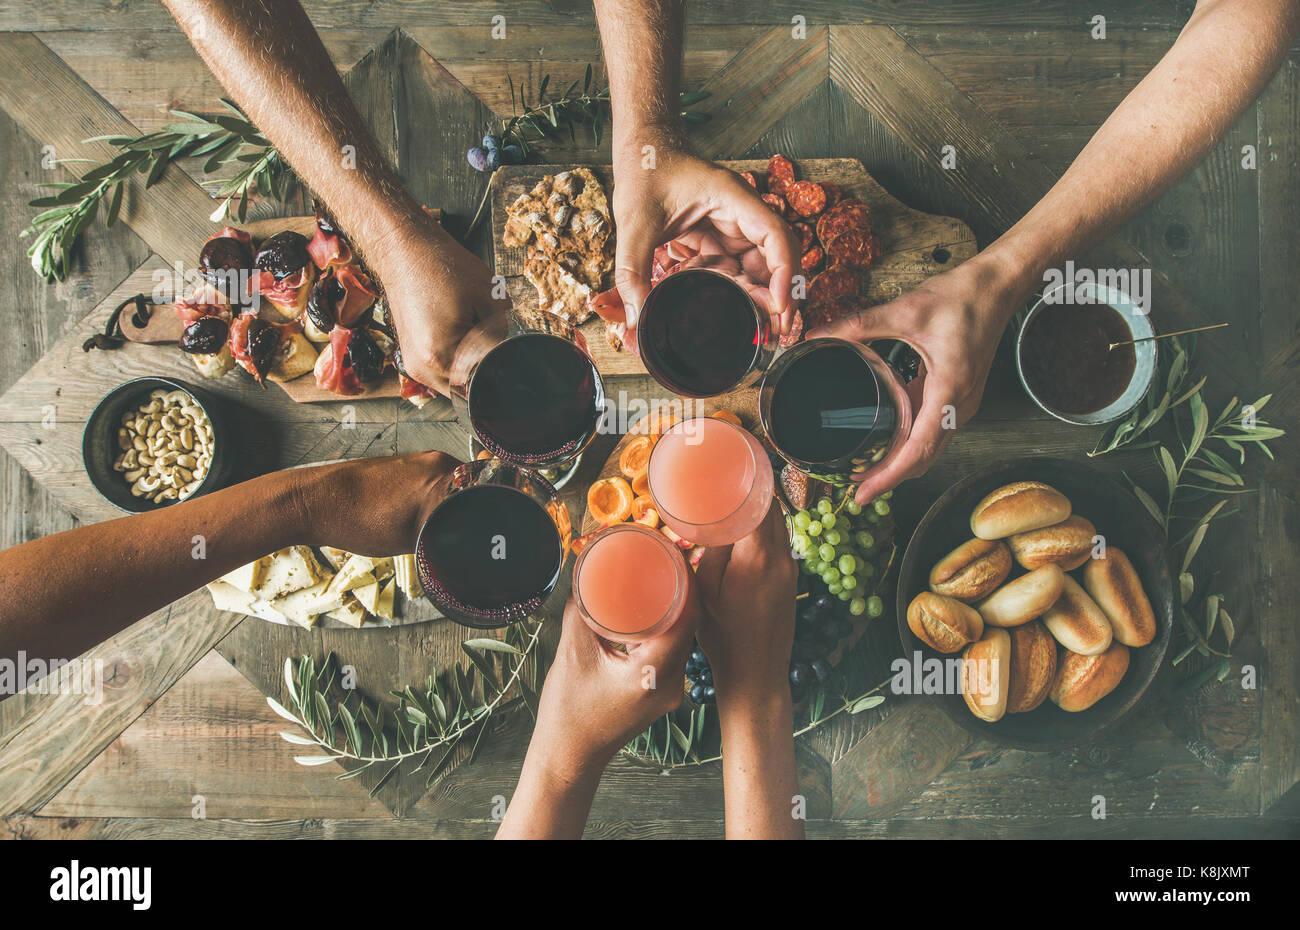 Flachbild-lay von Freunden zusammen essen und trinken, Ansicht von oben Stockbild